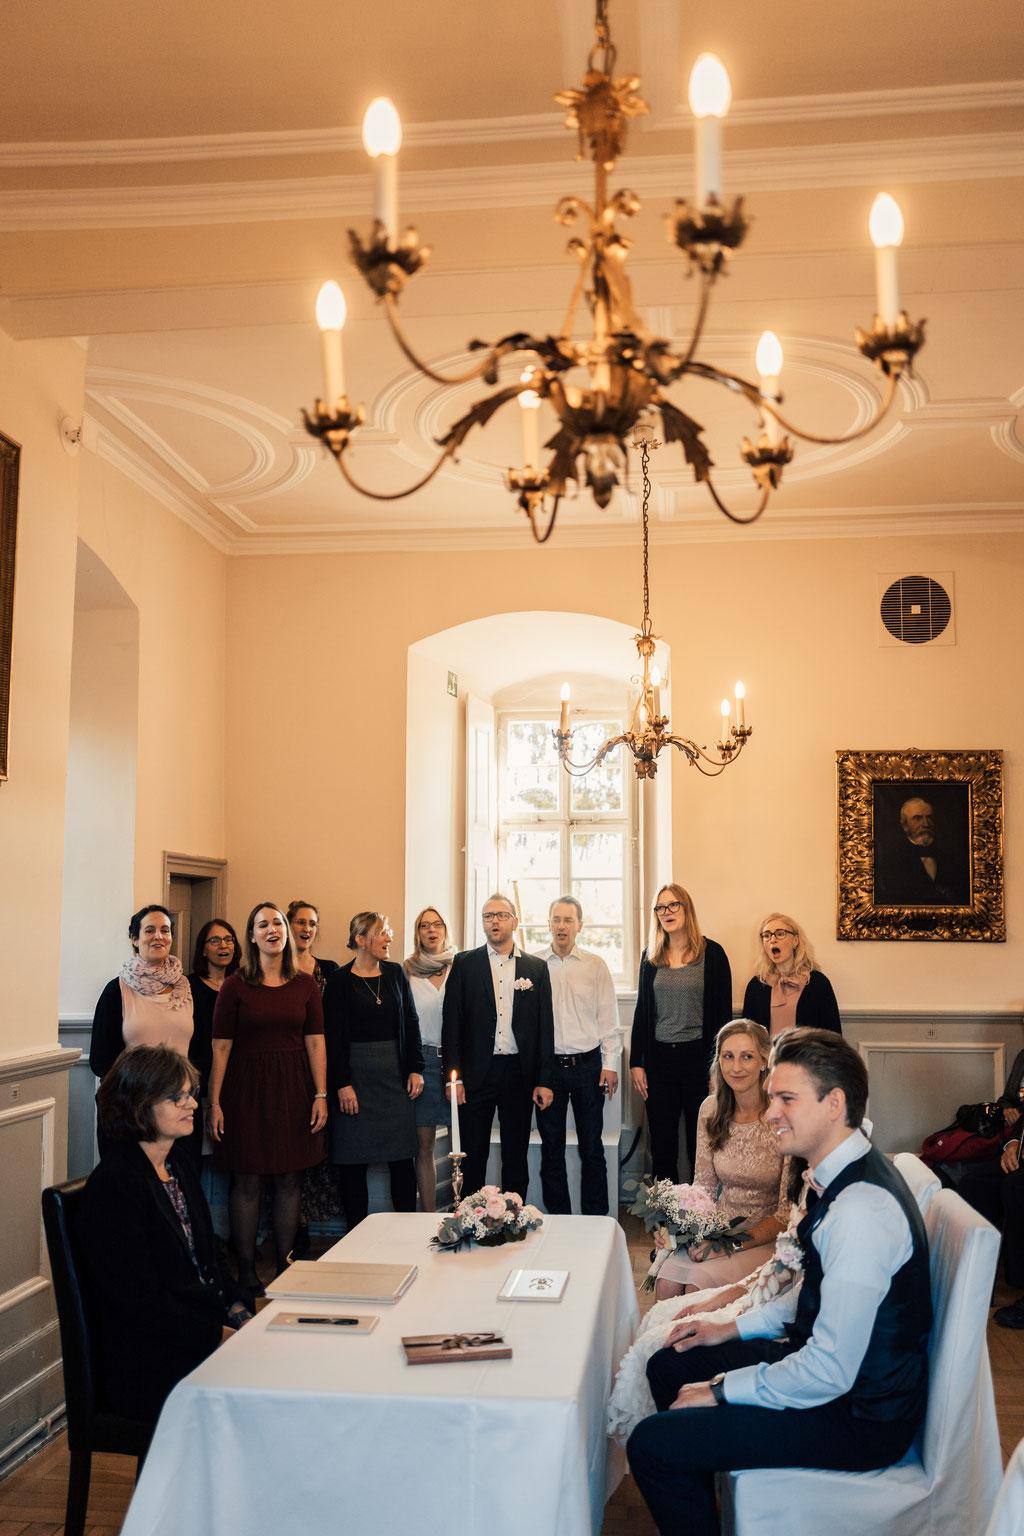 Hochzeitsfotografin Idstein, Chor, Gesang, Sänger, Gruppe